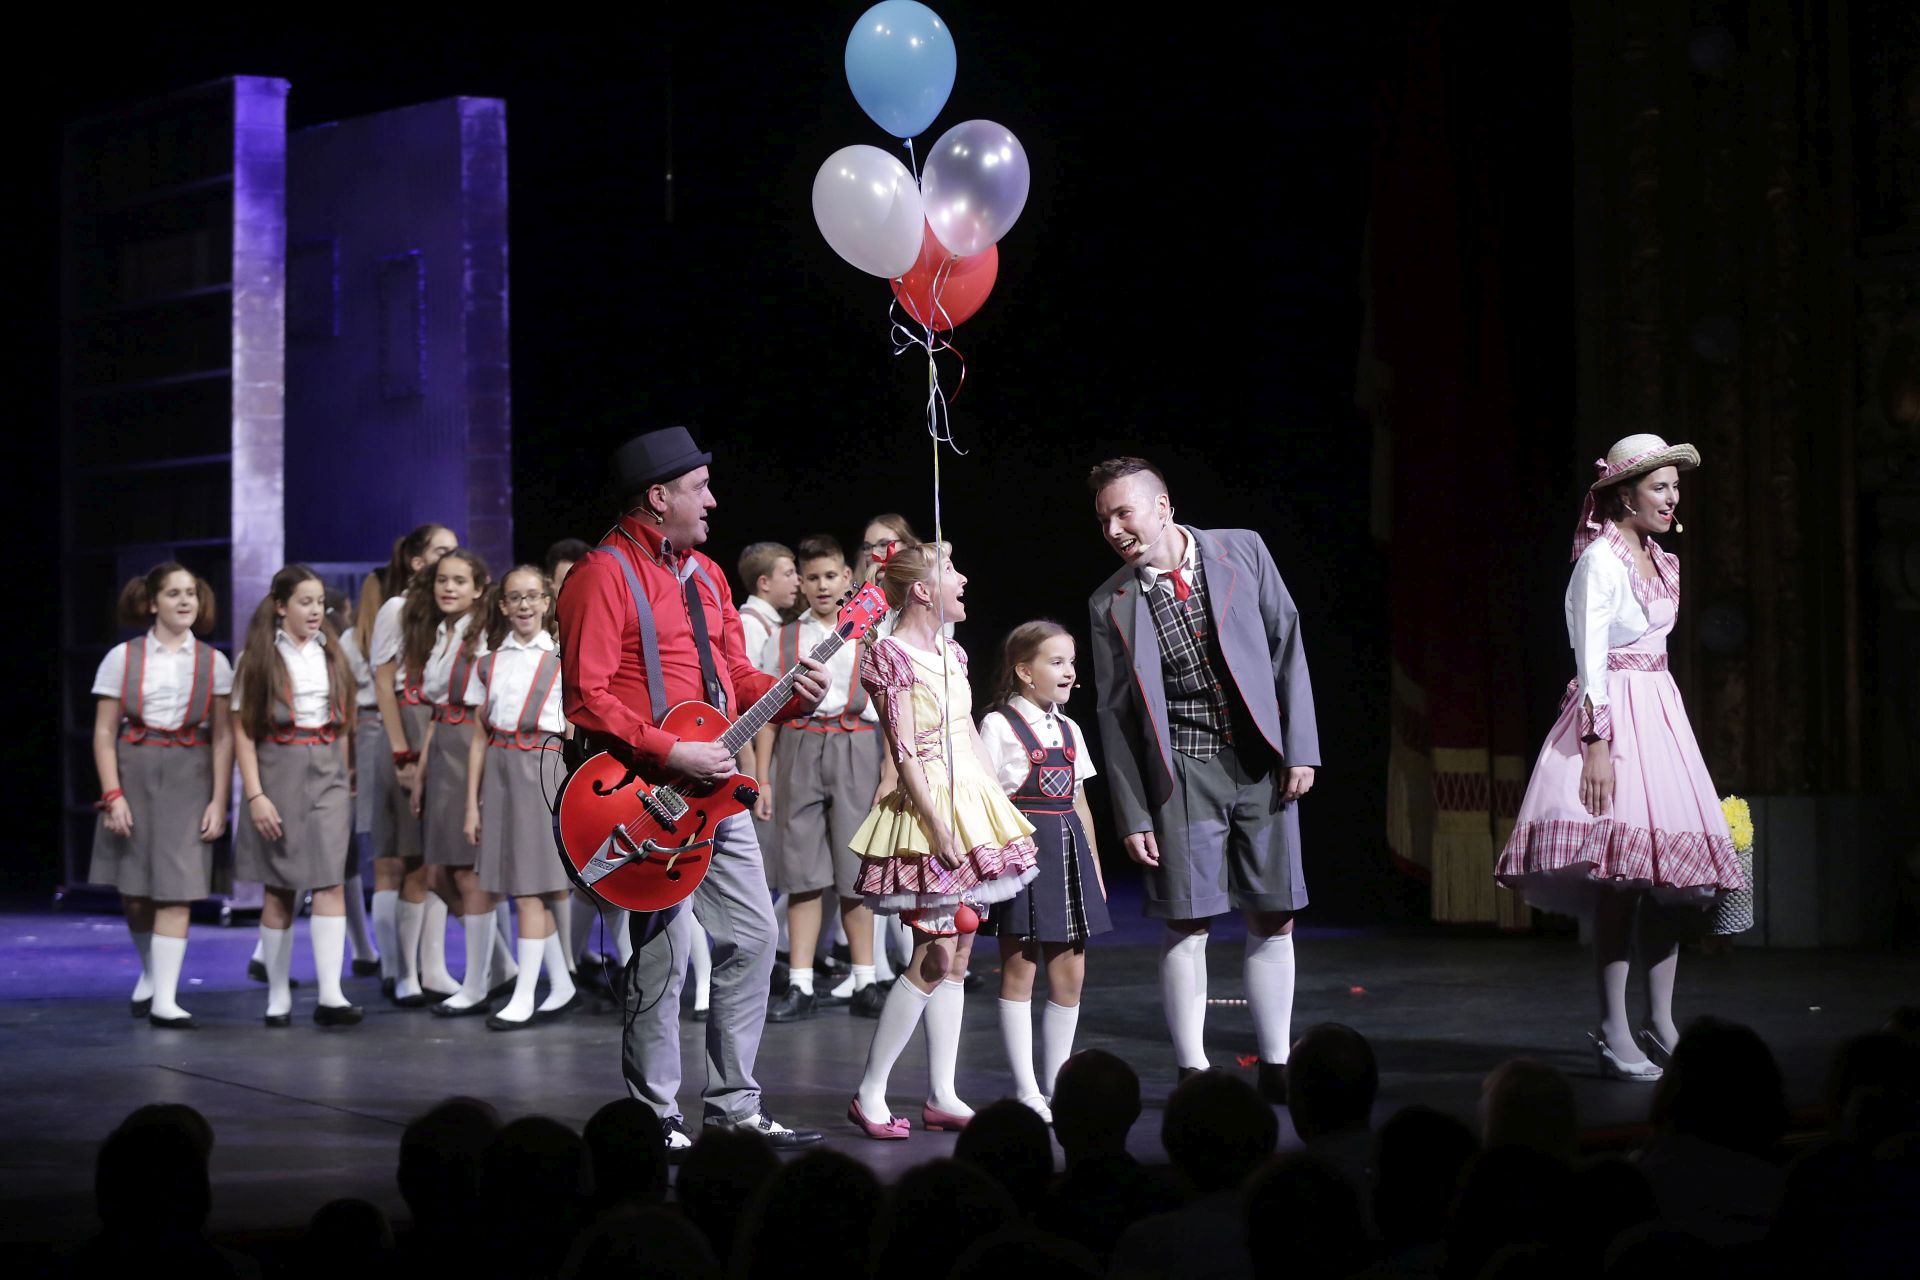 Mjuzikl 'Matilda' 22. siječnja u zagrebačkom HNK